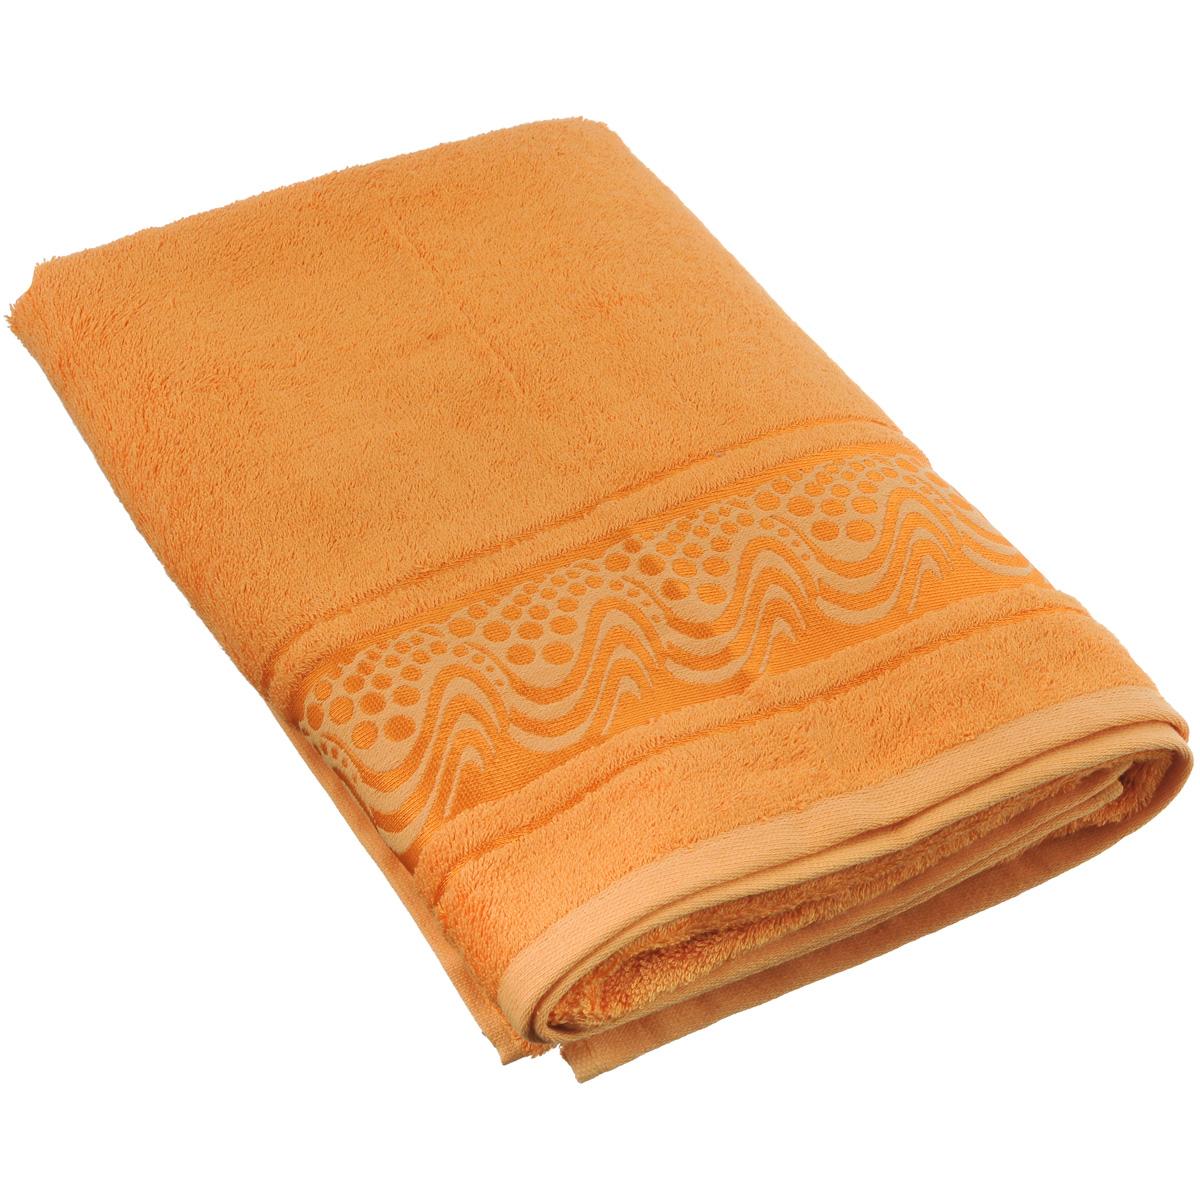 Полотенце Mariposa Aqua, цвет: оранжевый, 50 х 90 см62441Полотенце Mariposa Aqua, изготовленное из 60% бамбука и 40% хлопка, подарит массу положительных эмоций и приятных ощущений. Полотенца из бамбука только издали похожи на обычные. На самом деле, при первом же прикосновении вы ощутите невероятную мягкость и шелковистость. Таким полотенцем не нужно вытираться - только коснитесь кожи - и ткань сама все впитает! Несмотря на богатую плотность и высокую петлю полотенца, оно быстро сохнет, остается легким даже при намокании. Полотенце оформлено волнистым рисунком. Благородный тон создает уют и подчеркивает лучшие качества махровой ткани. Полотенце Mariposa Aqua станет достойным выбором для вас и приятным подарком для ваших близких. Размер полотенца: 50 см х 90 см.